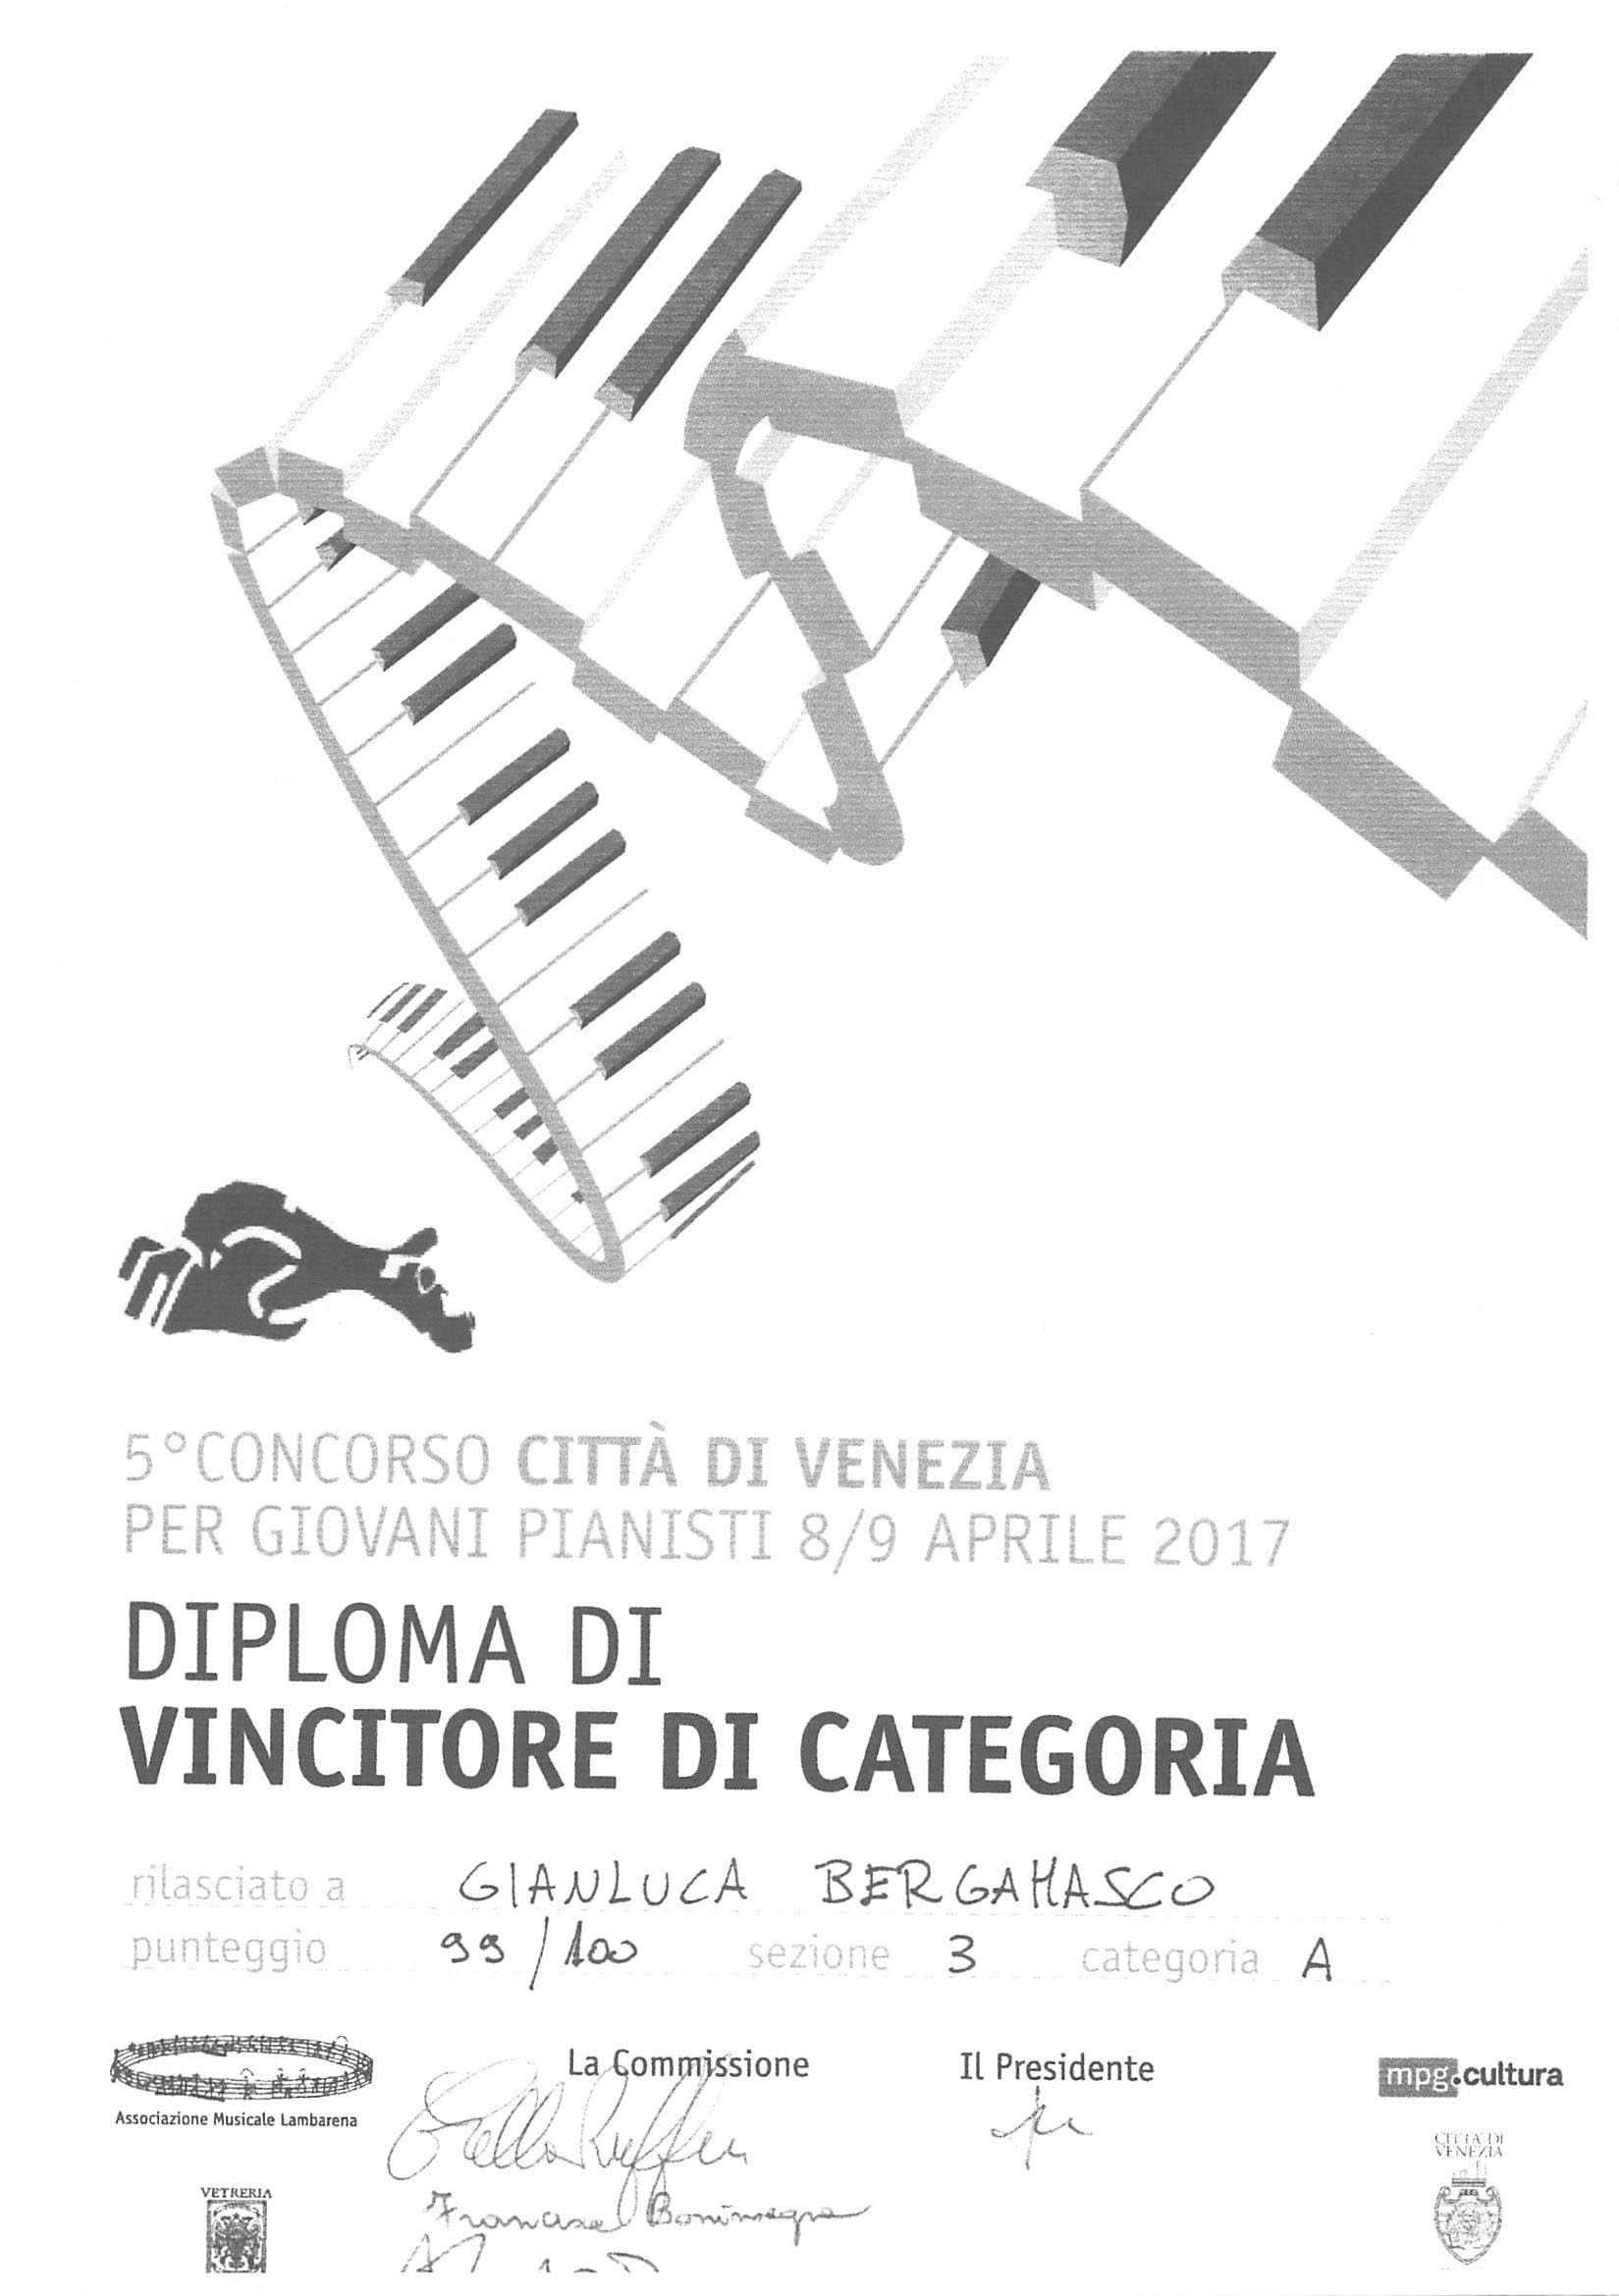 Gianluca Bergamasco – Diploma di vincitore di categoria – 5° concorso Città di Venezia